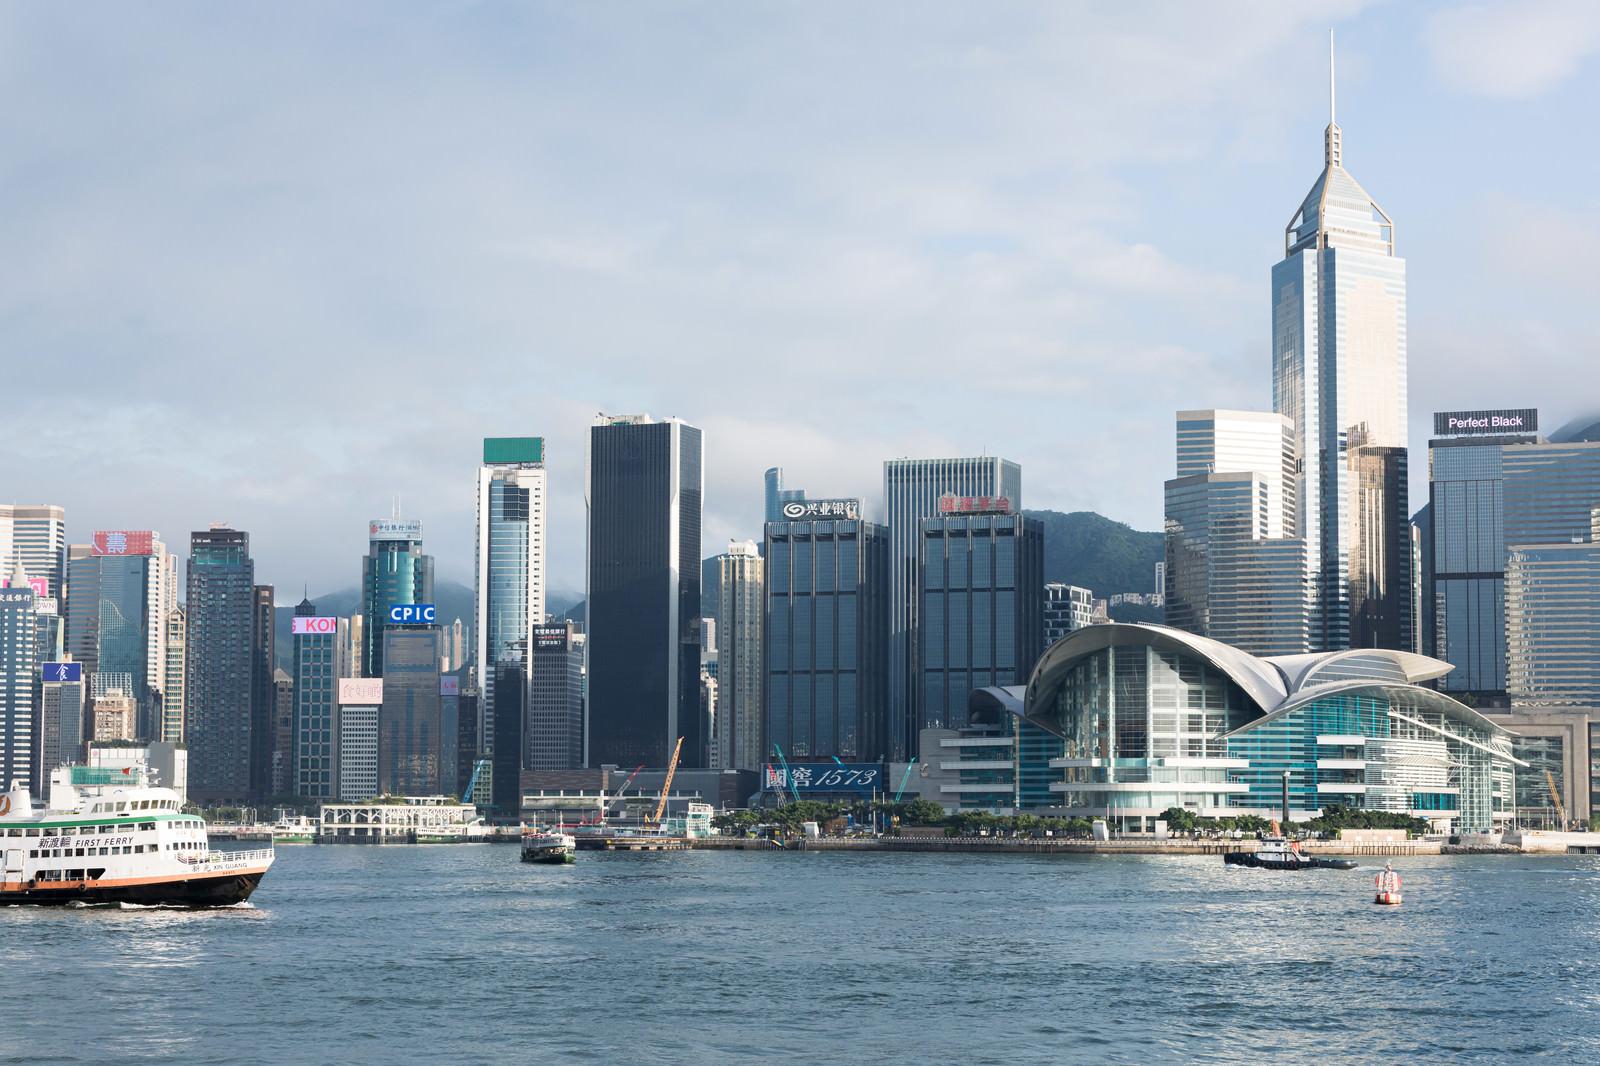 「香港コンベンション&エキシビションセンター(ビクトリア・ハーバー)」の写真